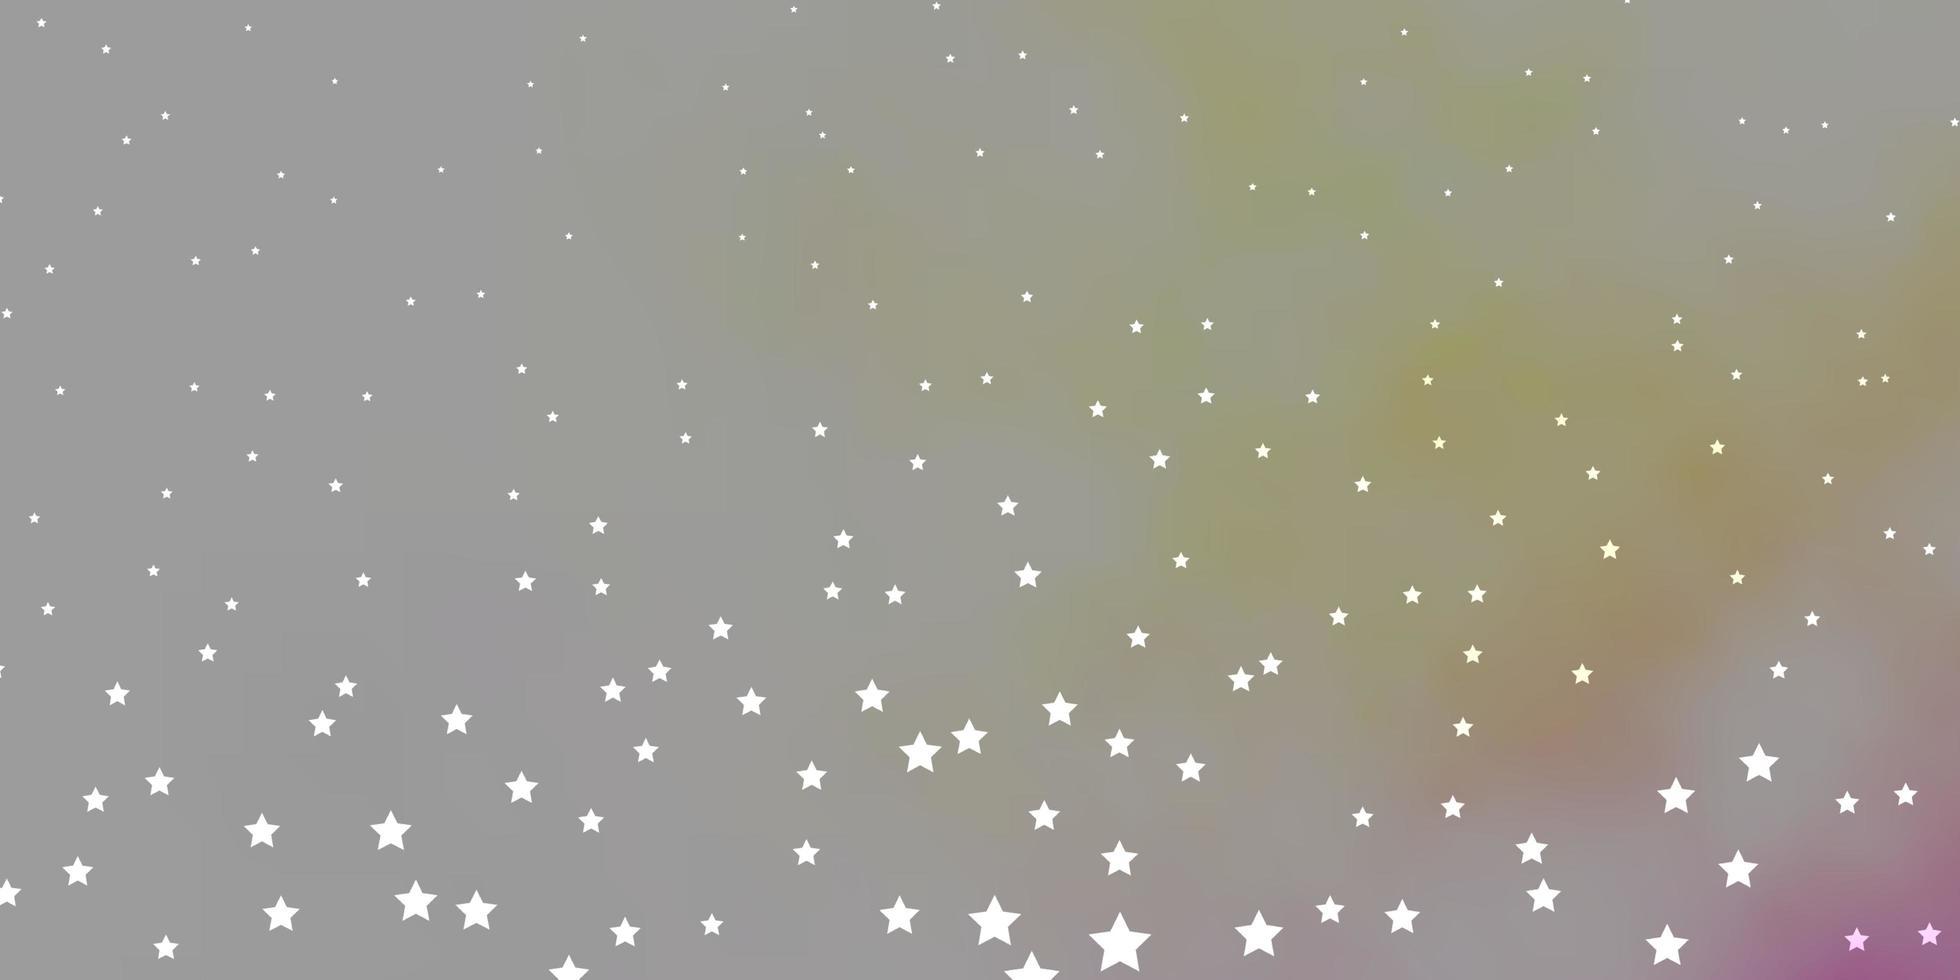 dunkelrosa, gelbe Vektorbeschaffenheit mit schönen Sternen vektor